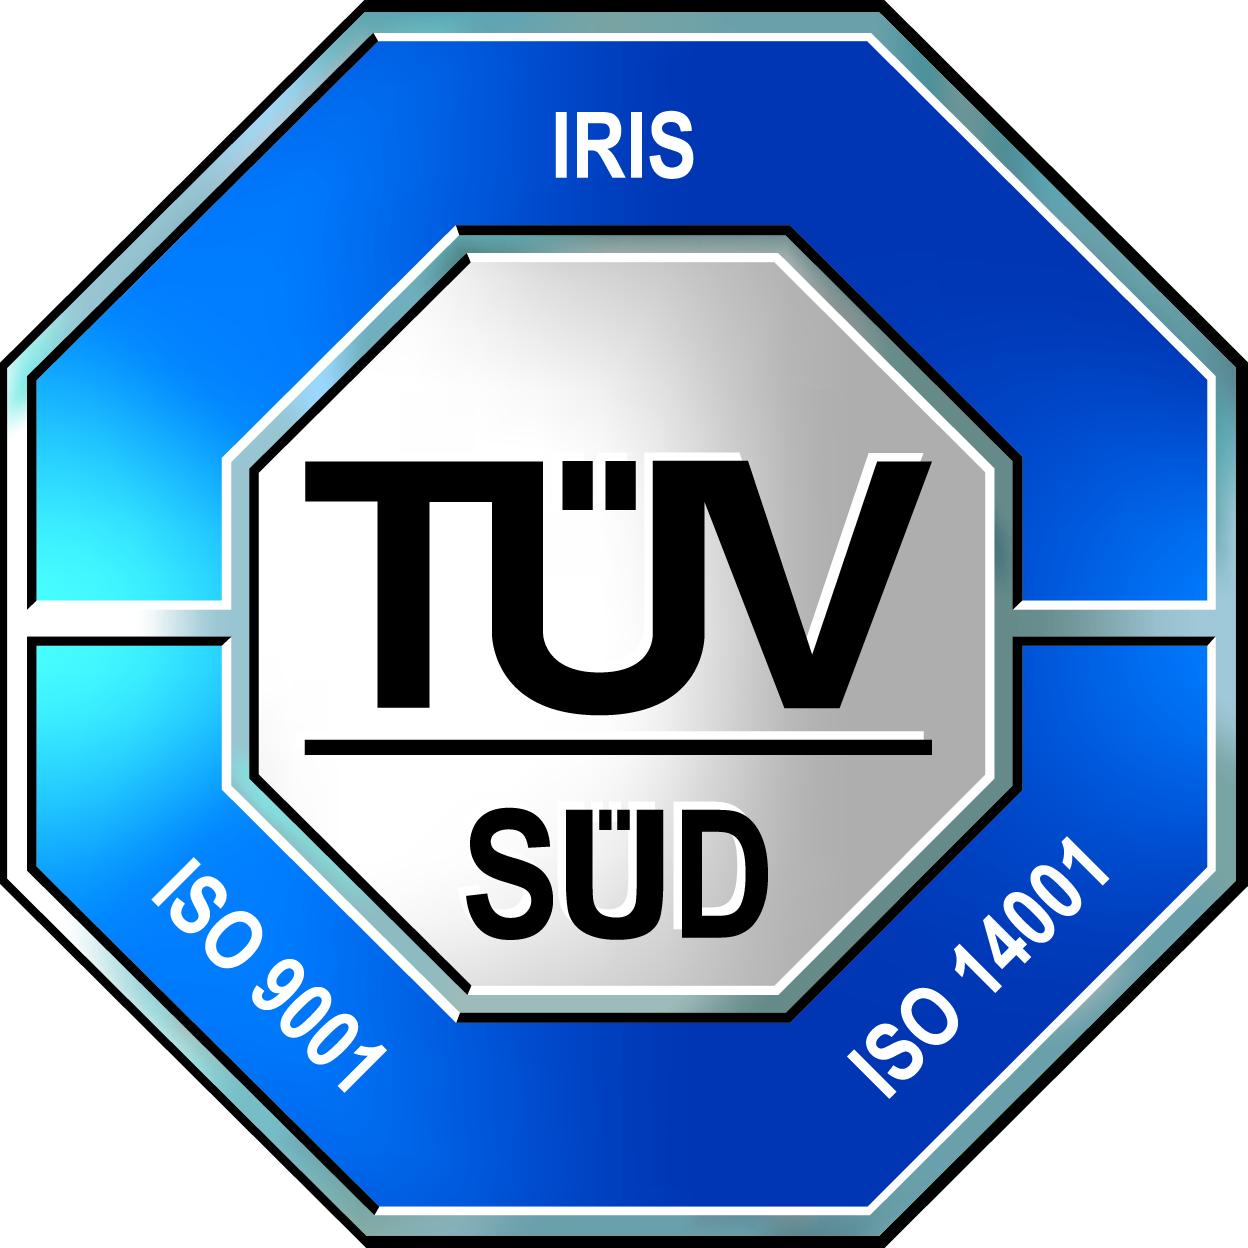 IRIS_ISO9001-14001-4c